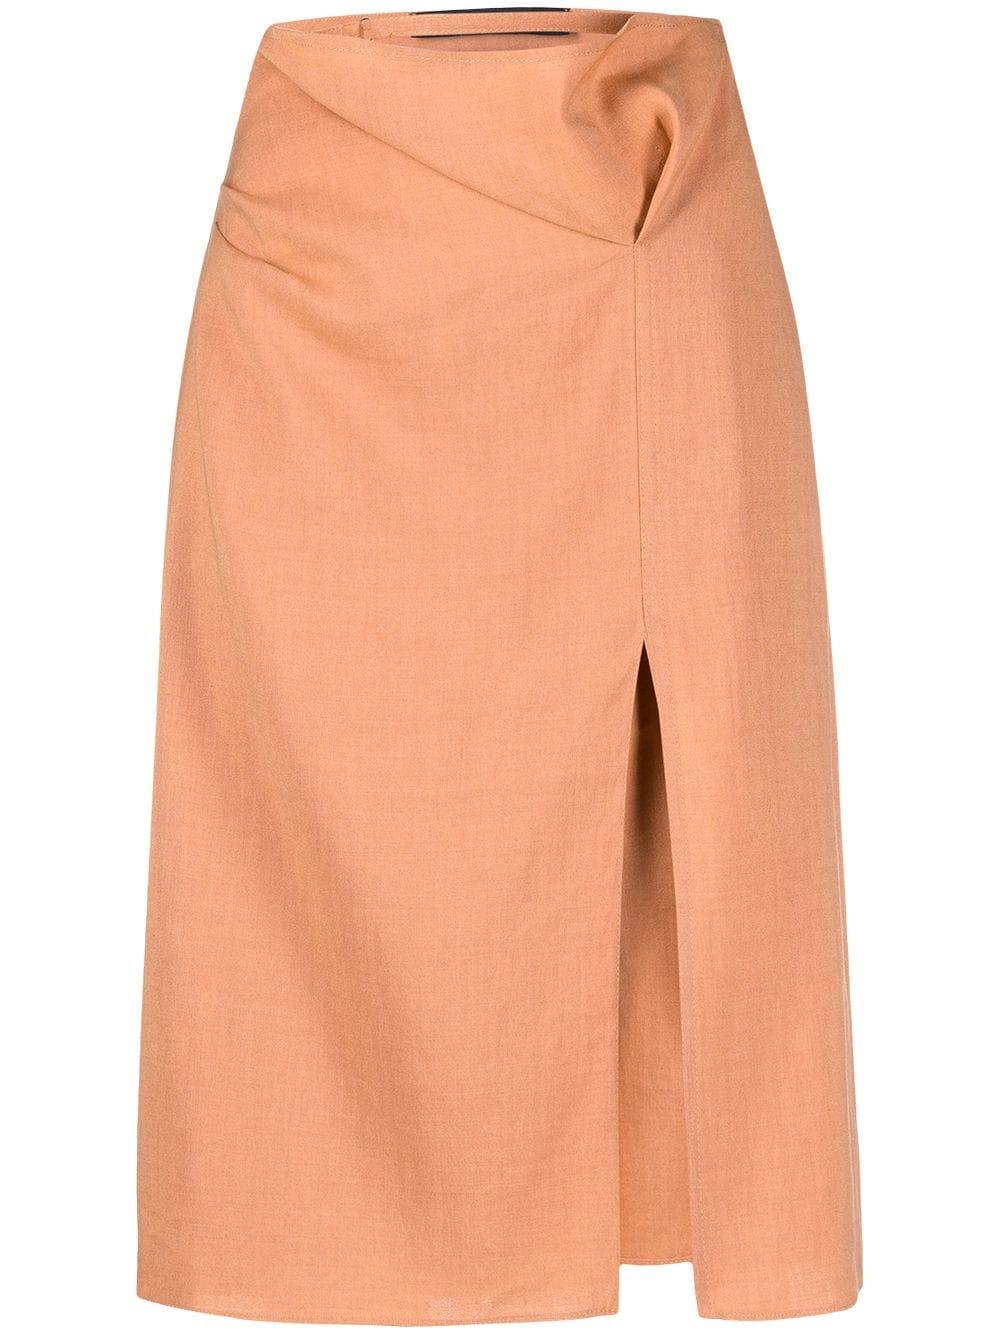 <p class='small-title'>JACQUEMUS</p>La Jupe Drap Miniskirt